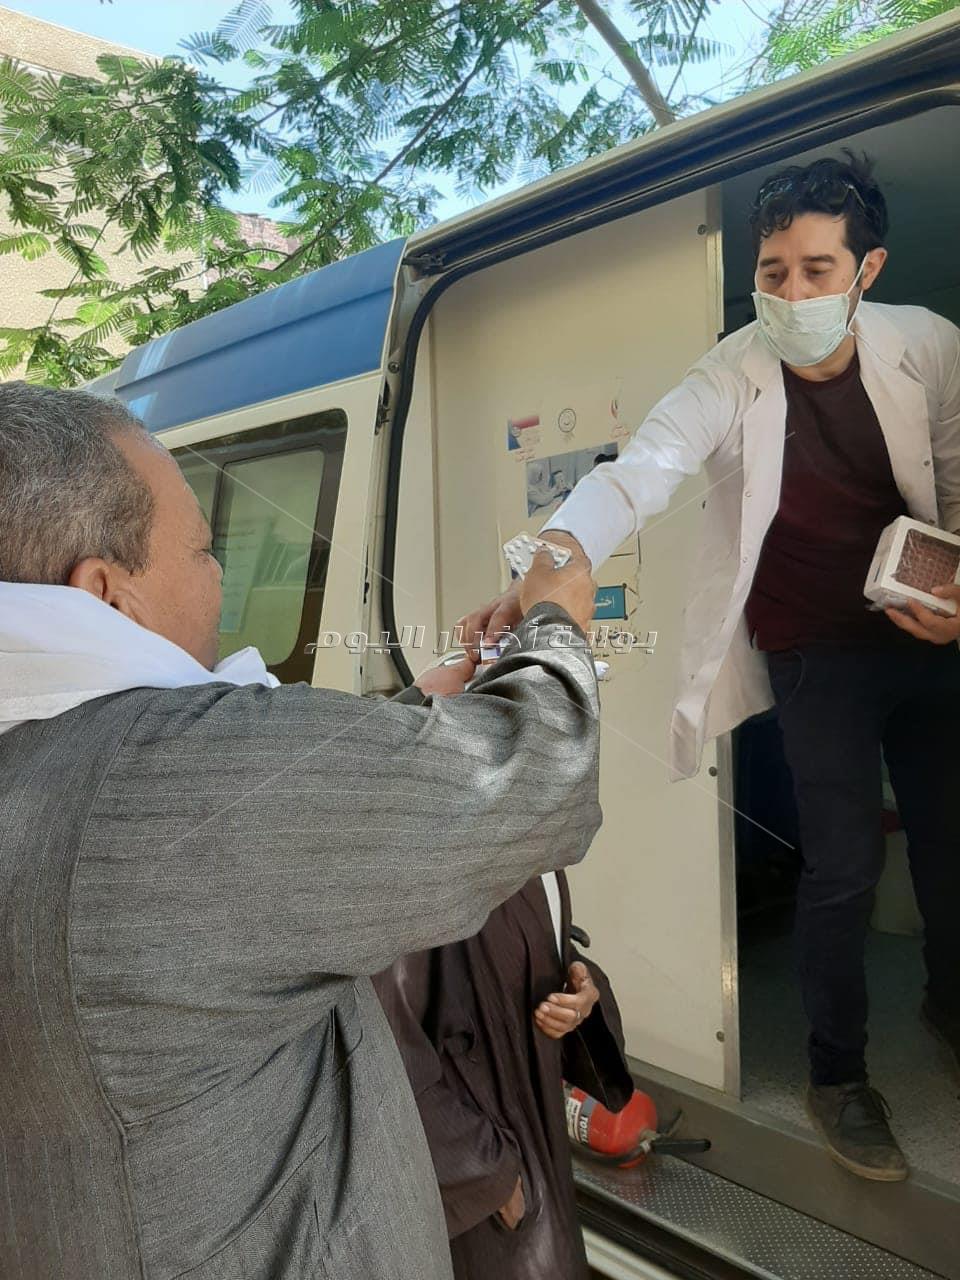 وزيرة الصحة تعلن أعداد مرضى كورونا الذين تلقوا العلاج في العزل المنزلي